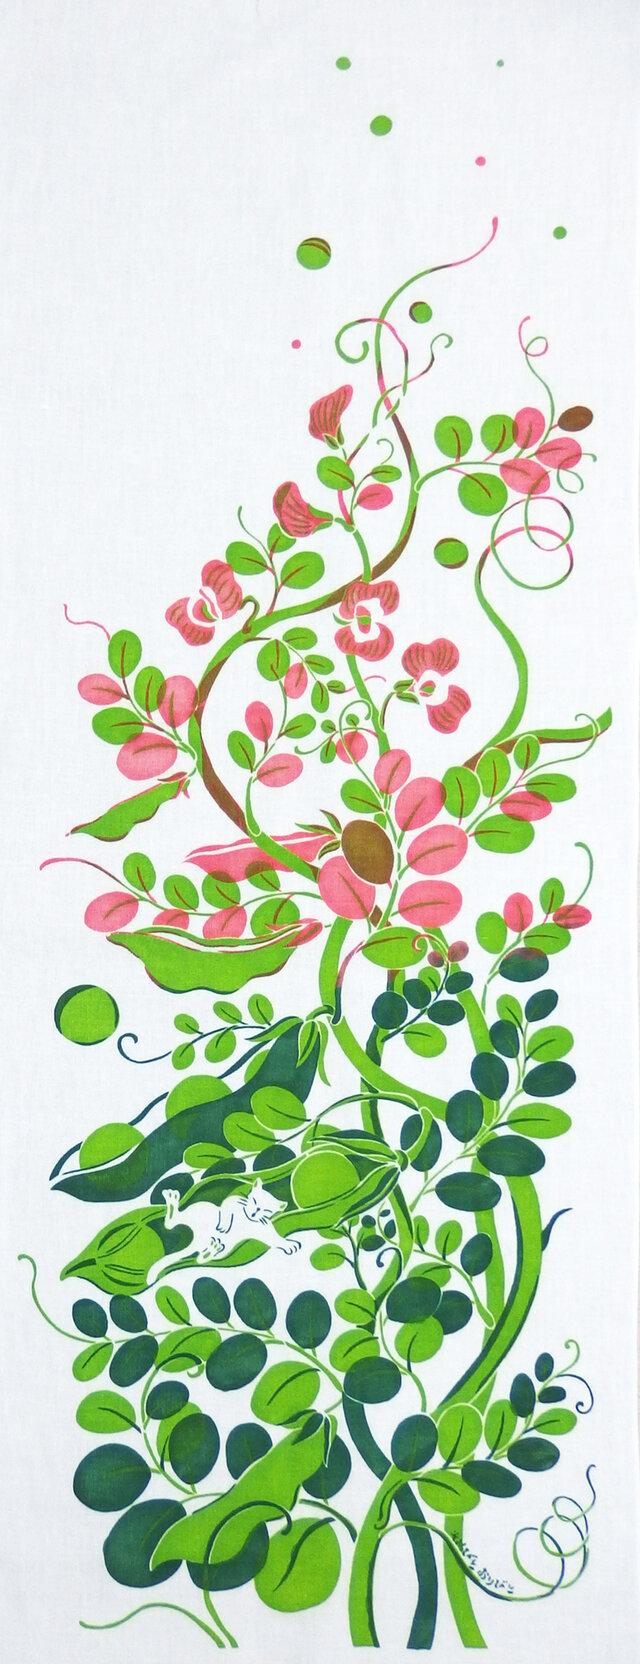 型染めてぬぐい「うきうきまめと浮かぶうたたね」(グリーン/ピンク)(綿100%・手染め捺染)の画像1枚目